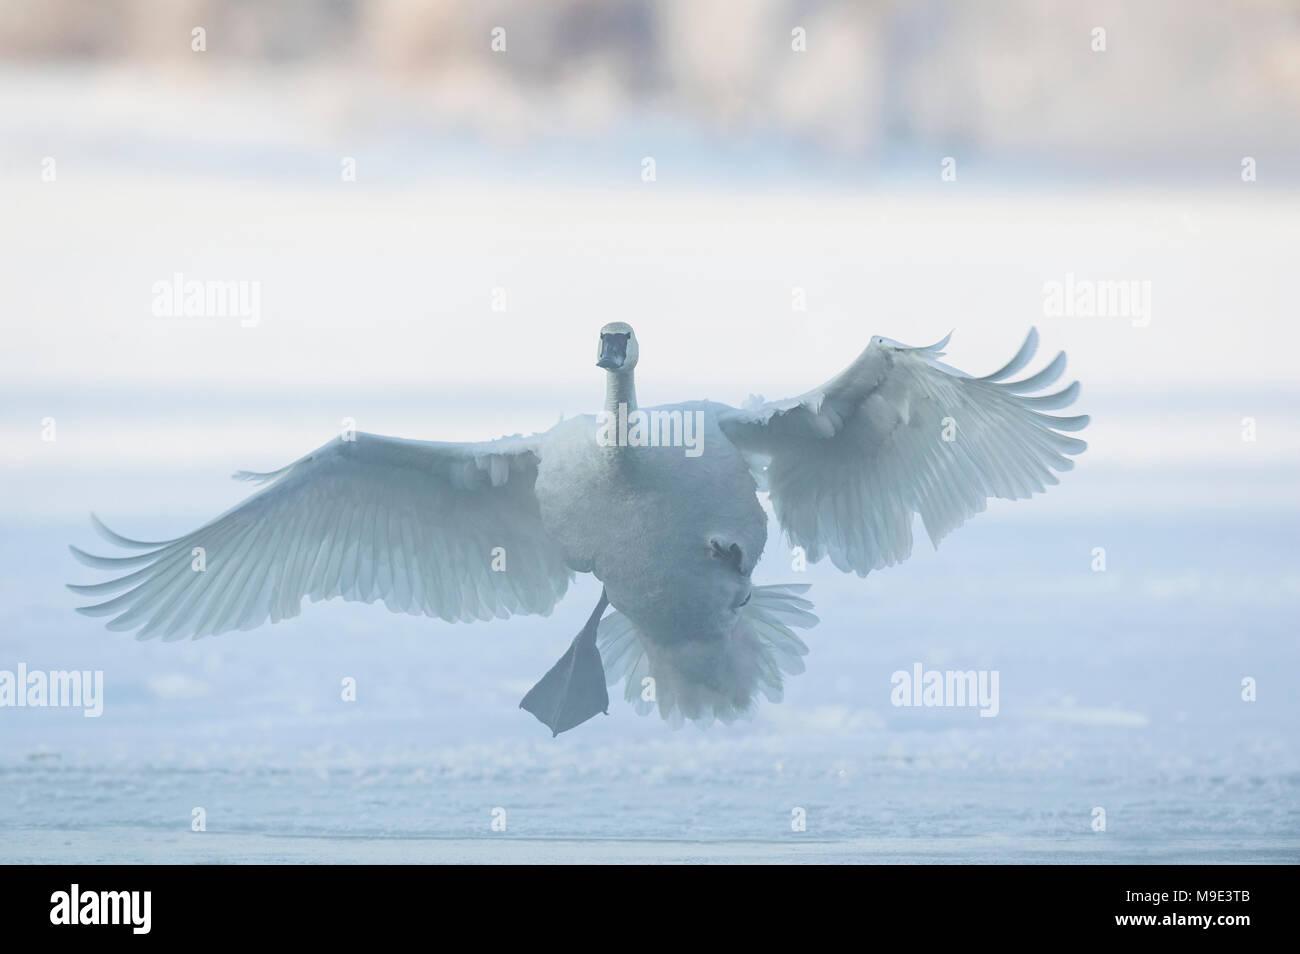 Les cygnes trompettes (Cygnus buccinator) atterrissage sur la rivière Sainte-Croix, Hudson, WI, États-Unis d'Amérique, à la mi-janvier, par Dominique Braud/Dembinsky Assoc Photo Banque D'Images